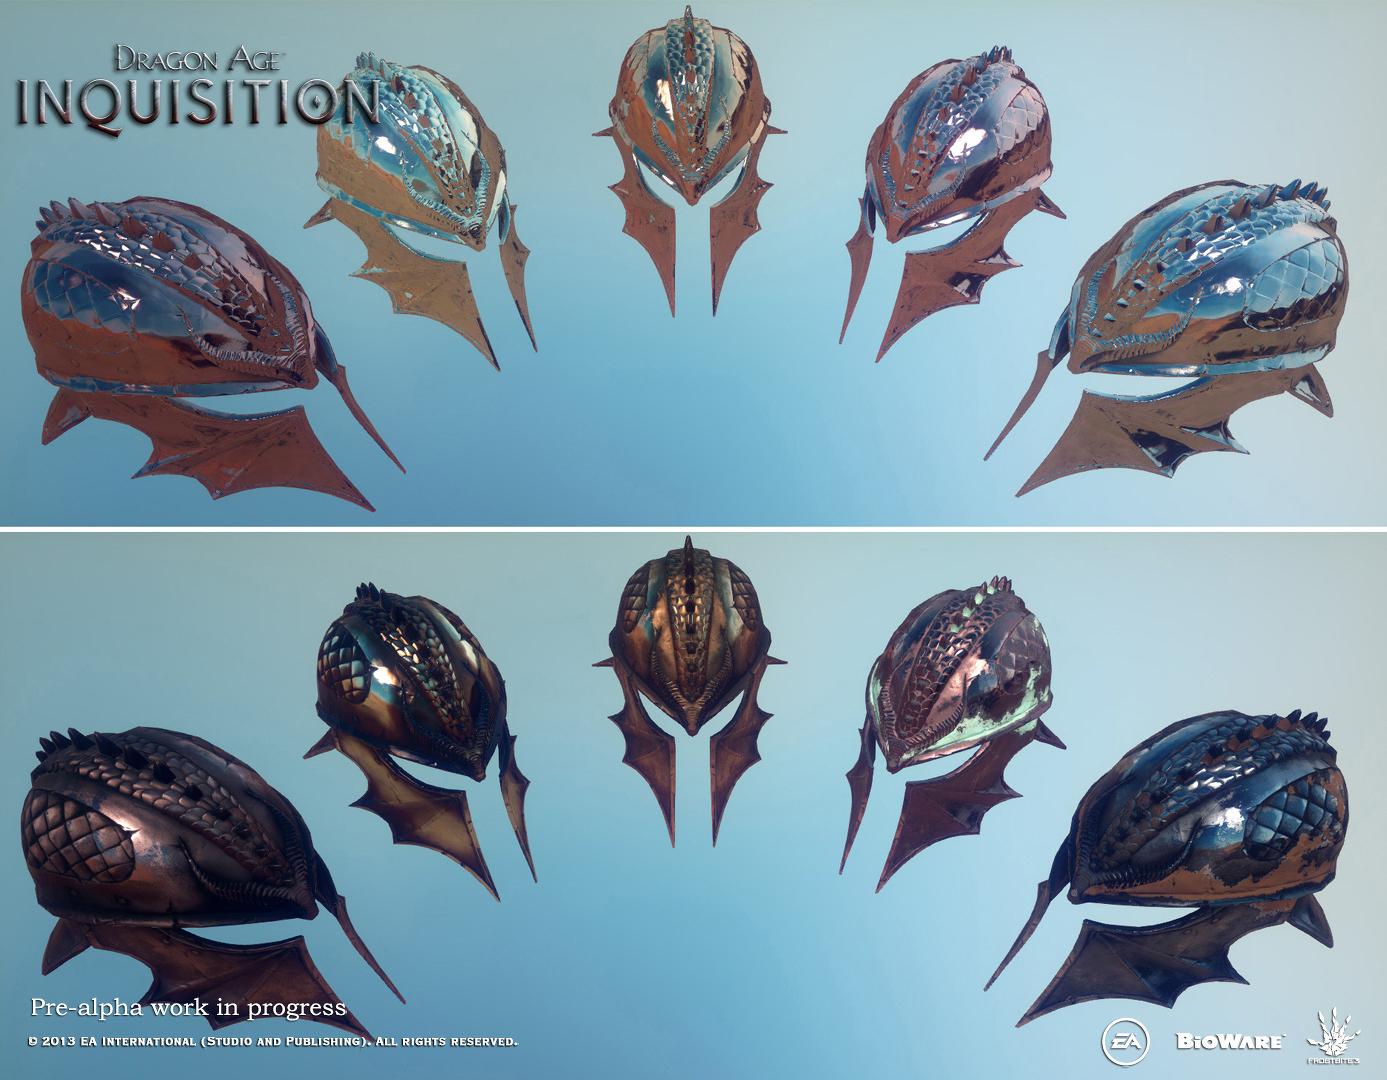 Ještě pět artworků z Dragon Age: Inquisition 91119